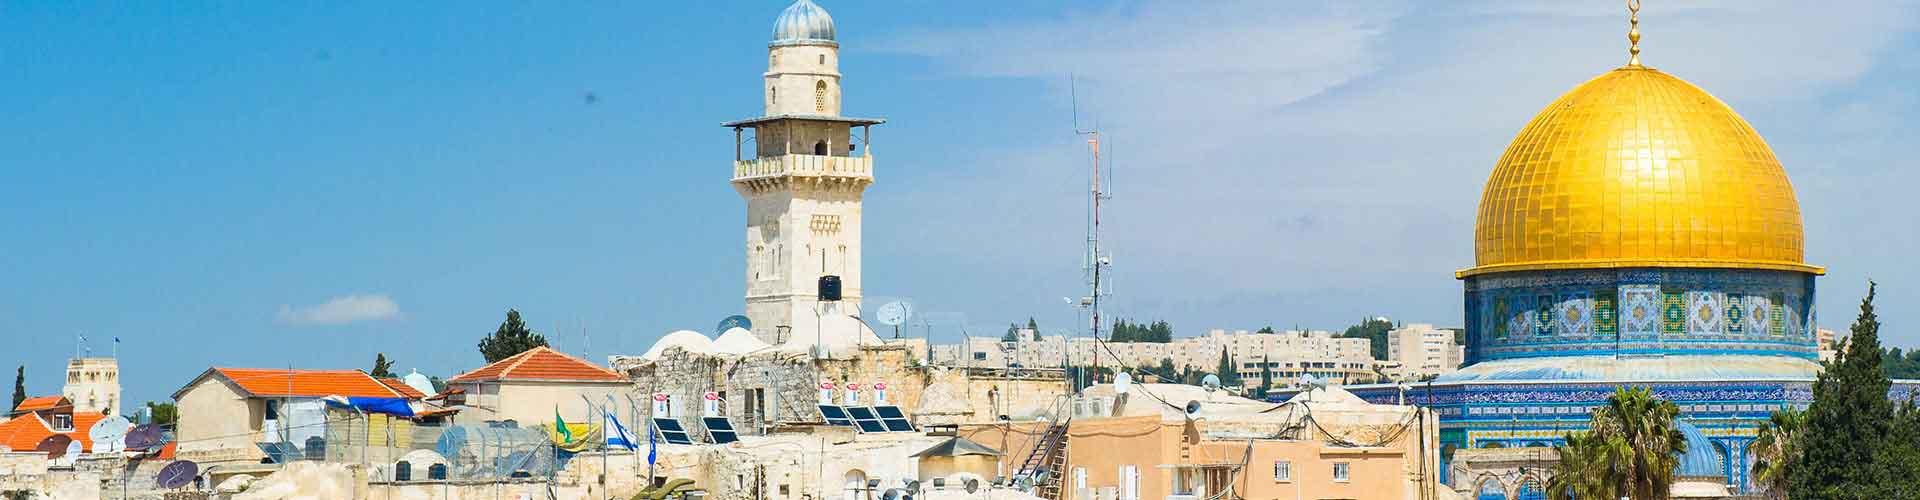 耶路撒冷 – 耶路撒冷的房间。耶路撒冷地图,耶路撒冷每间房间的照片和评价。